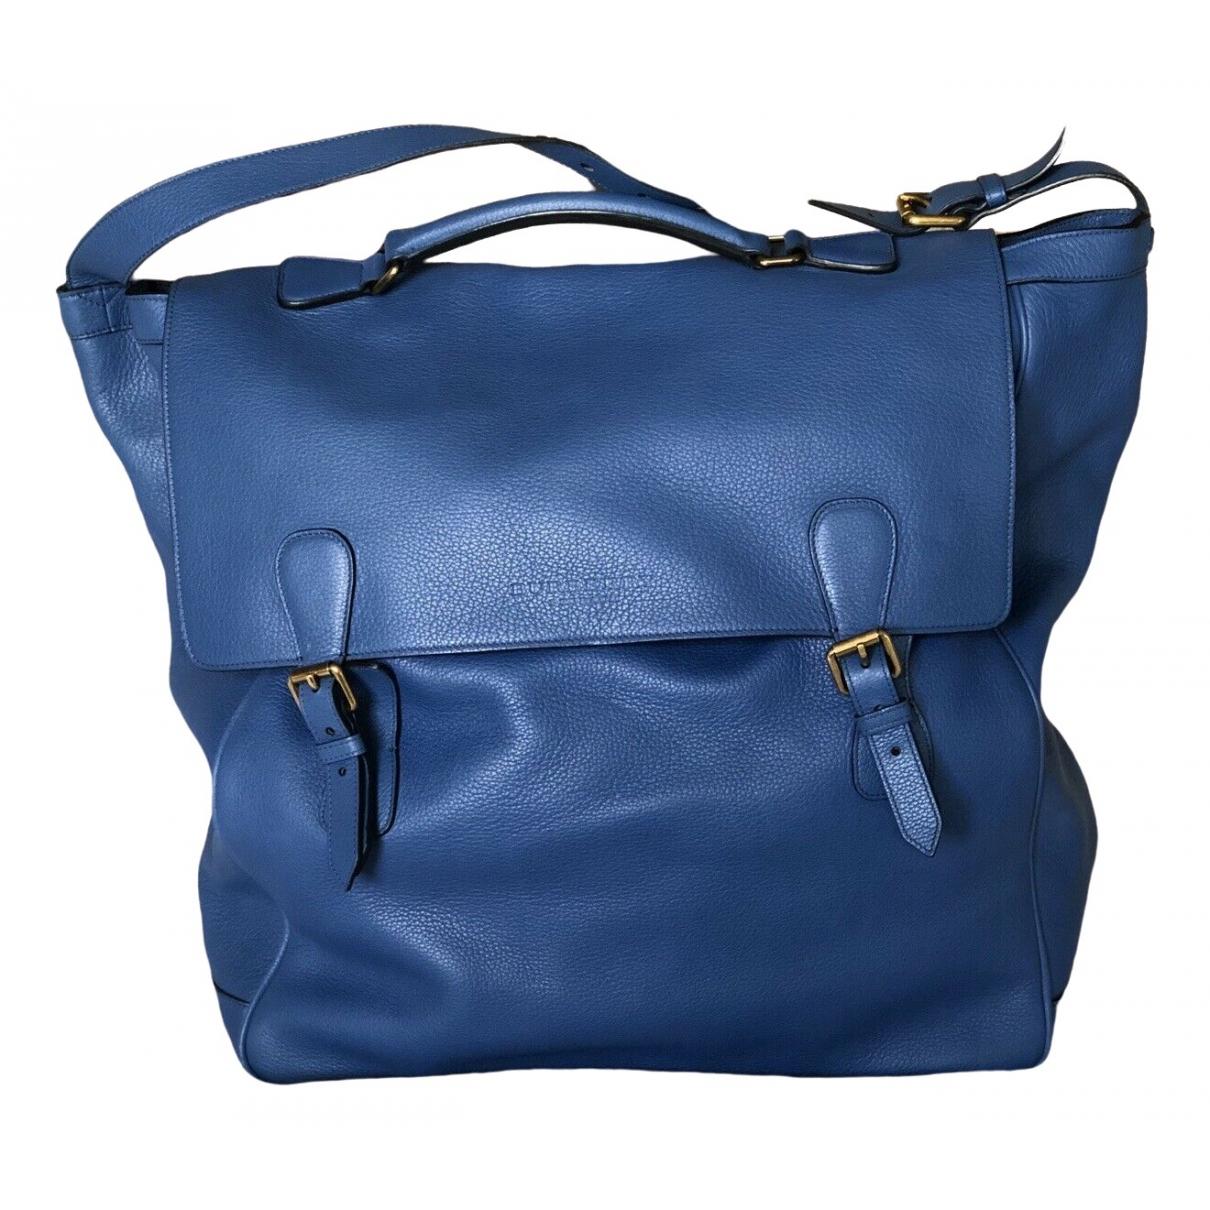 Burberry - Sac   pour homme en cuir - bleu